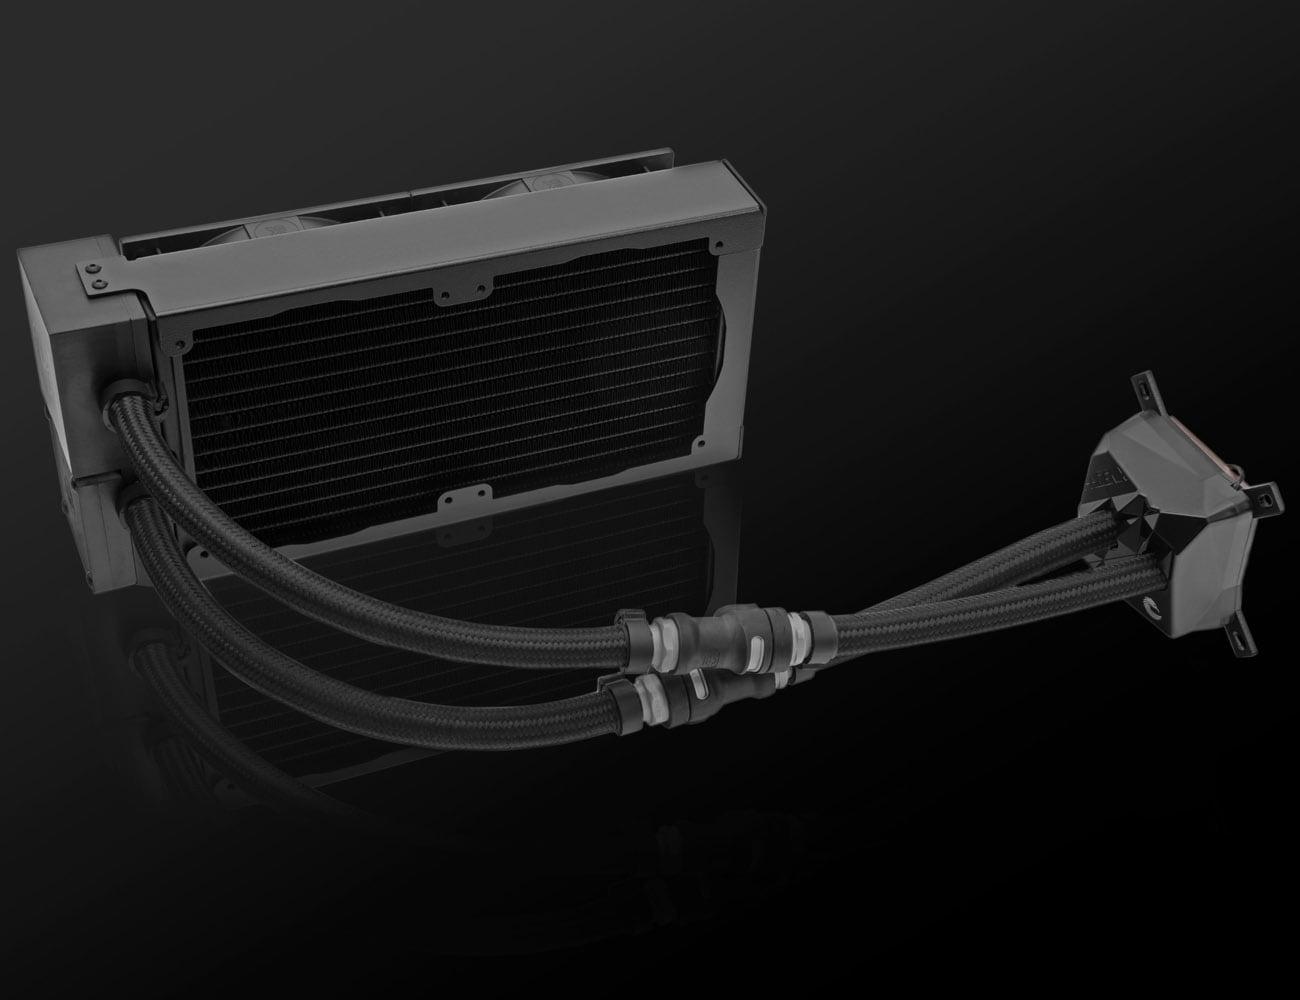 EK-MLC Phoenix Modular Liquid Cooling Products